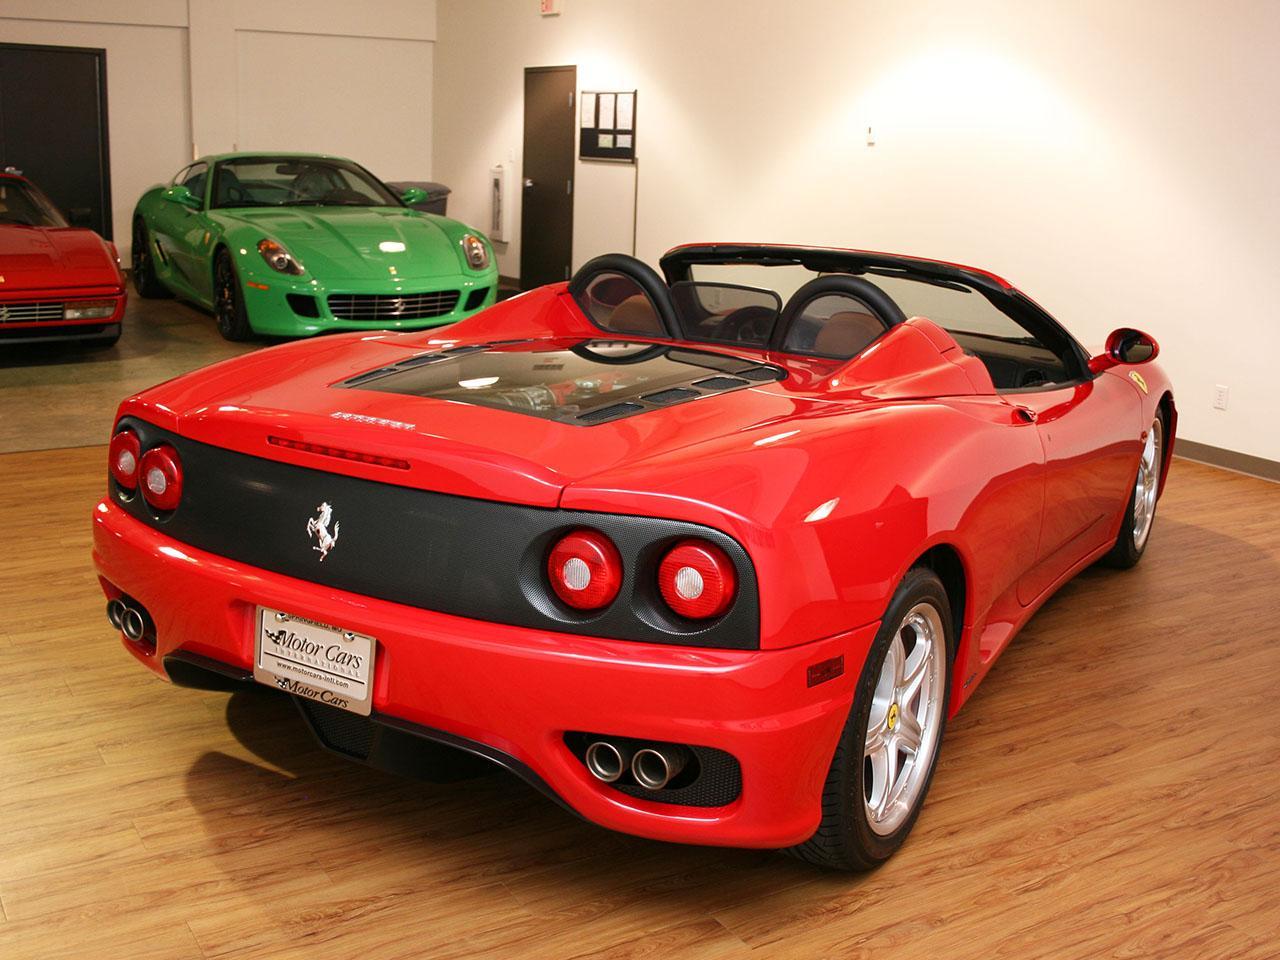 2005 Ferrari 360 F1 Spider